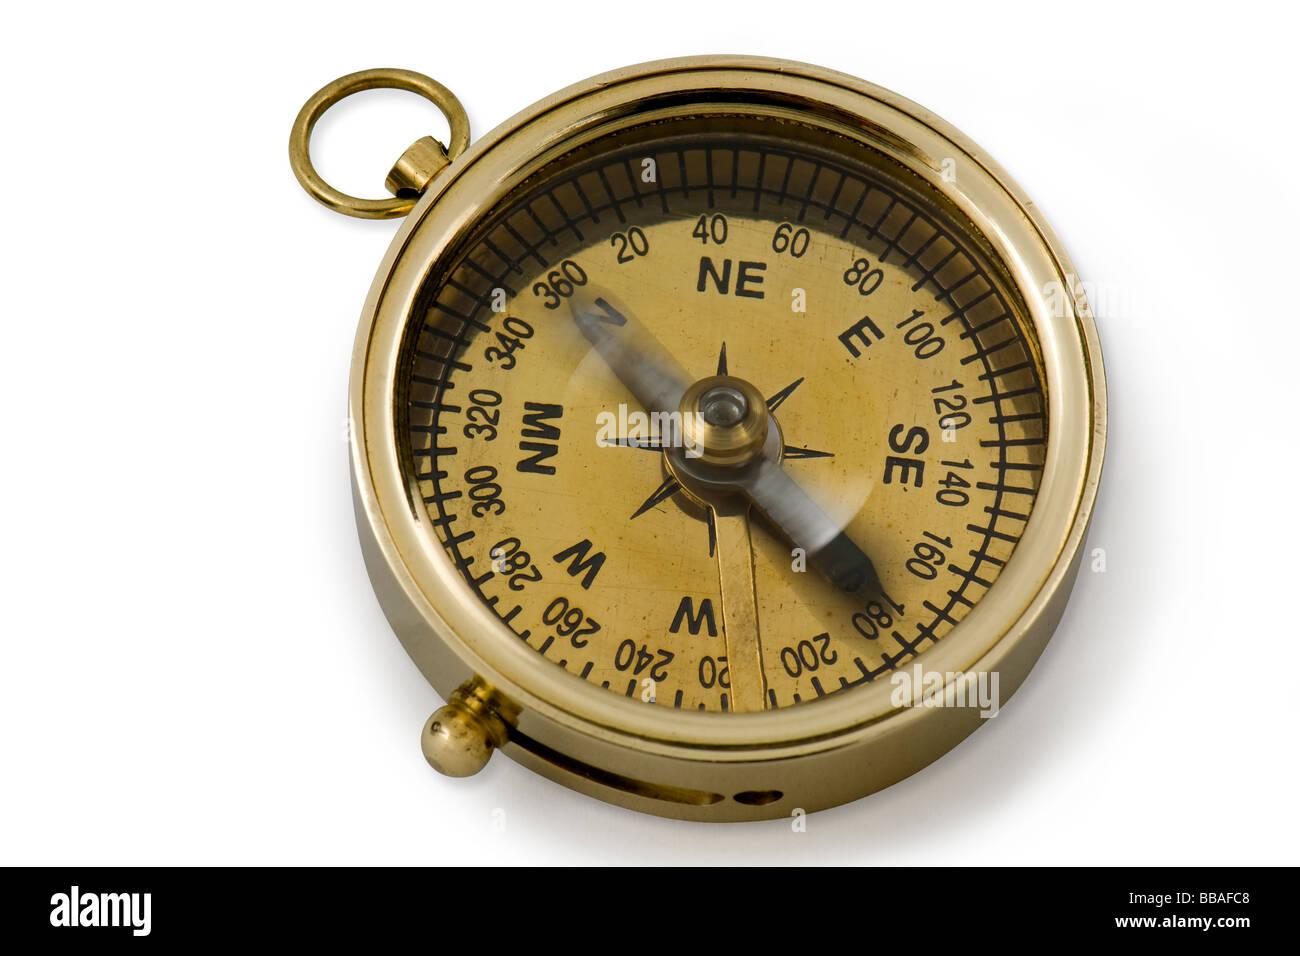 Kompass beweglichen Norden Stockfoto, Bild: 24203208 - Alamy